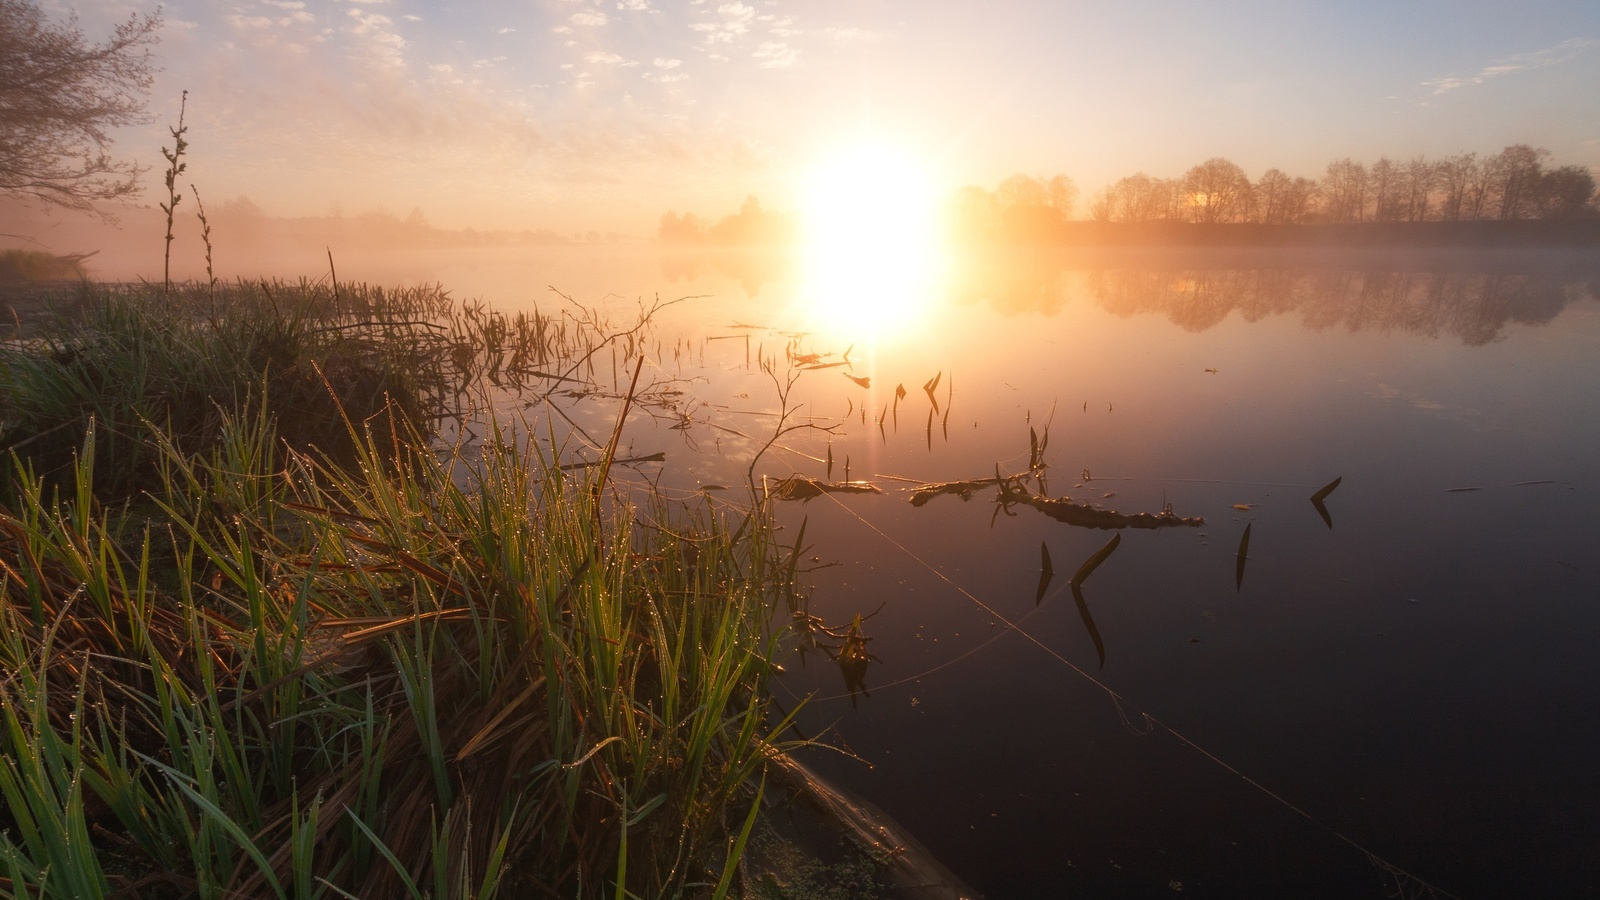 лето, речка, рассвет, пейзаж, красиво, фотограф, андрей олонцев